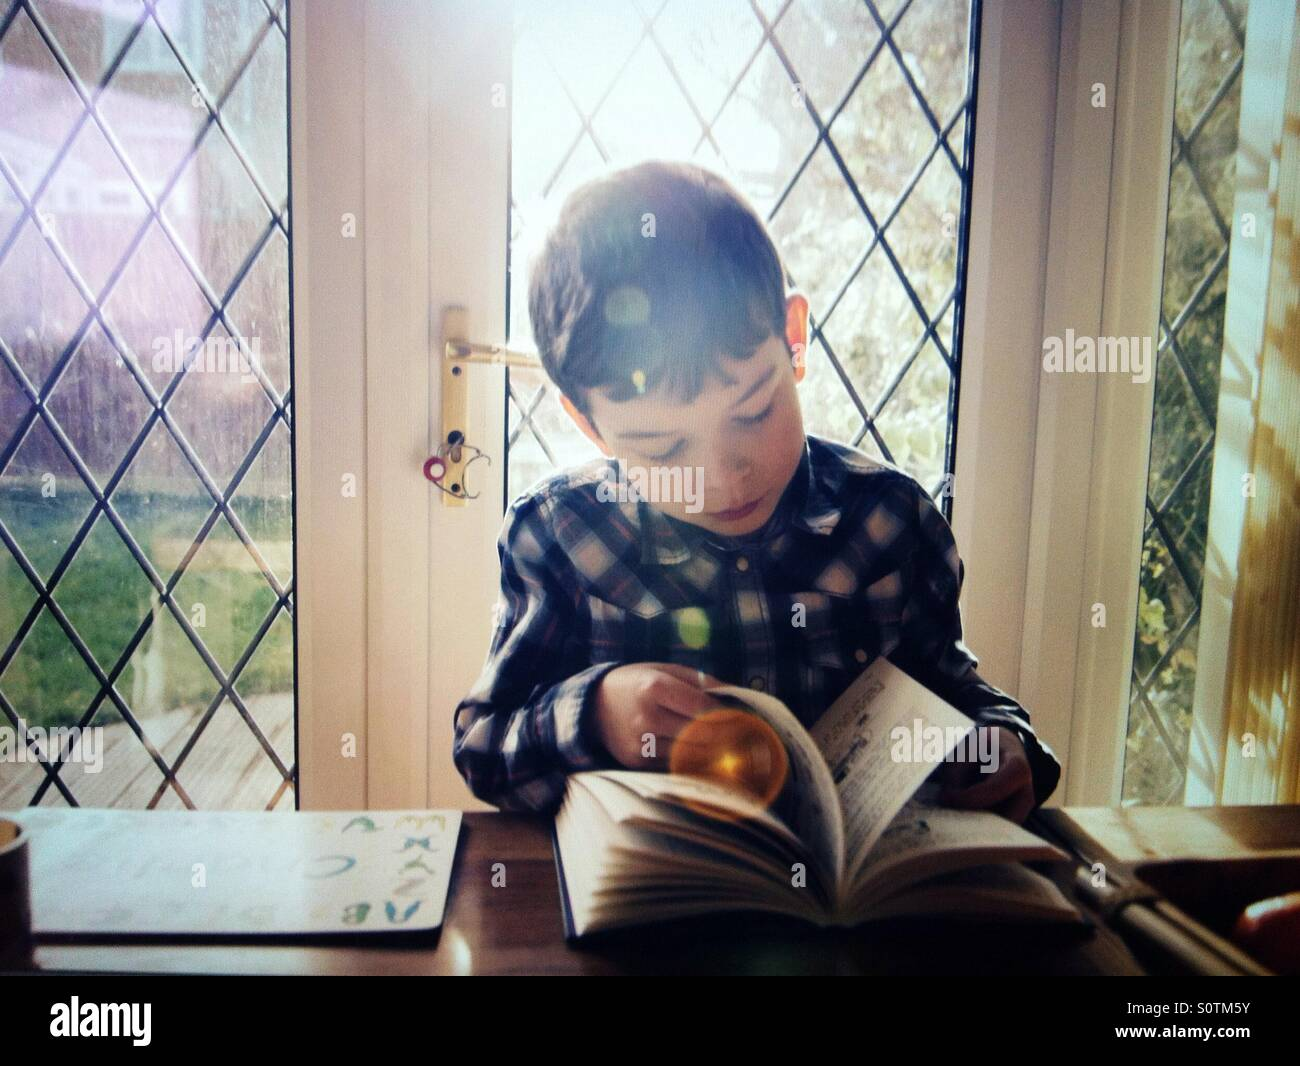 Boy reading - Stock Image